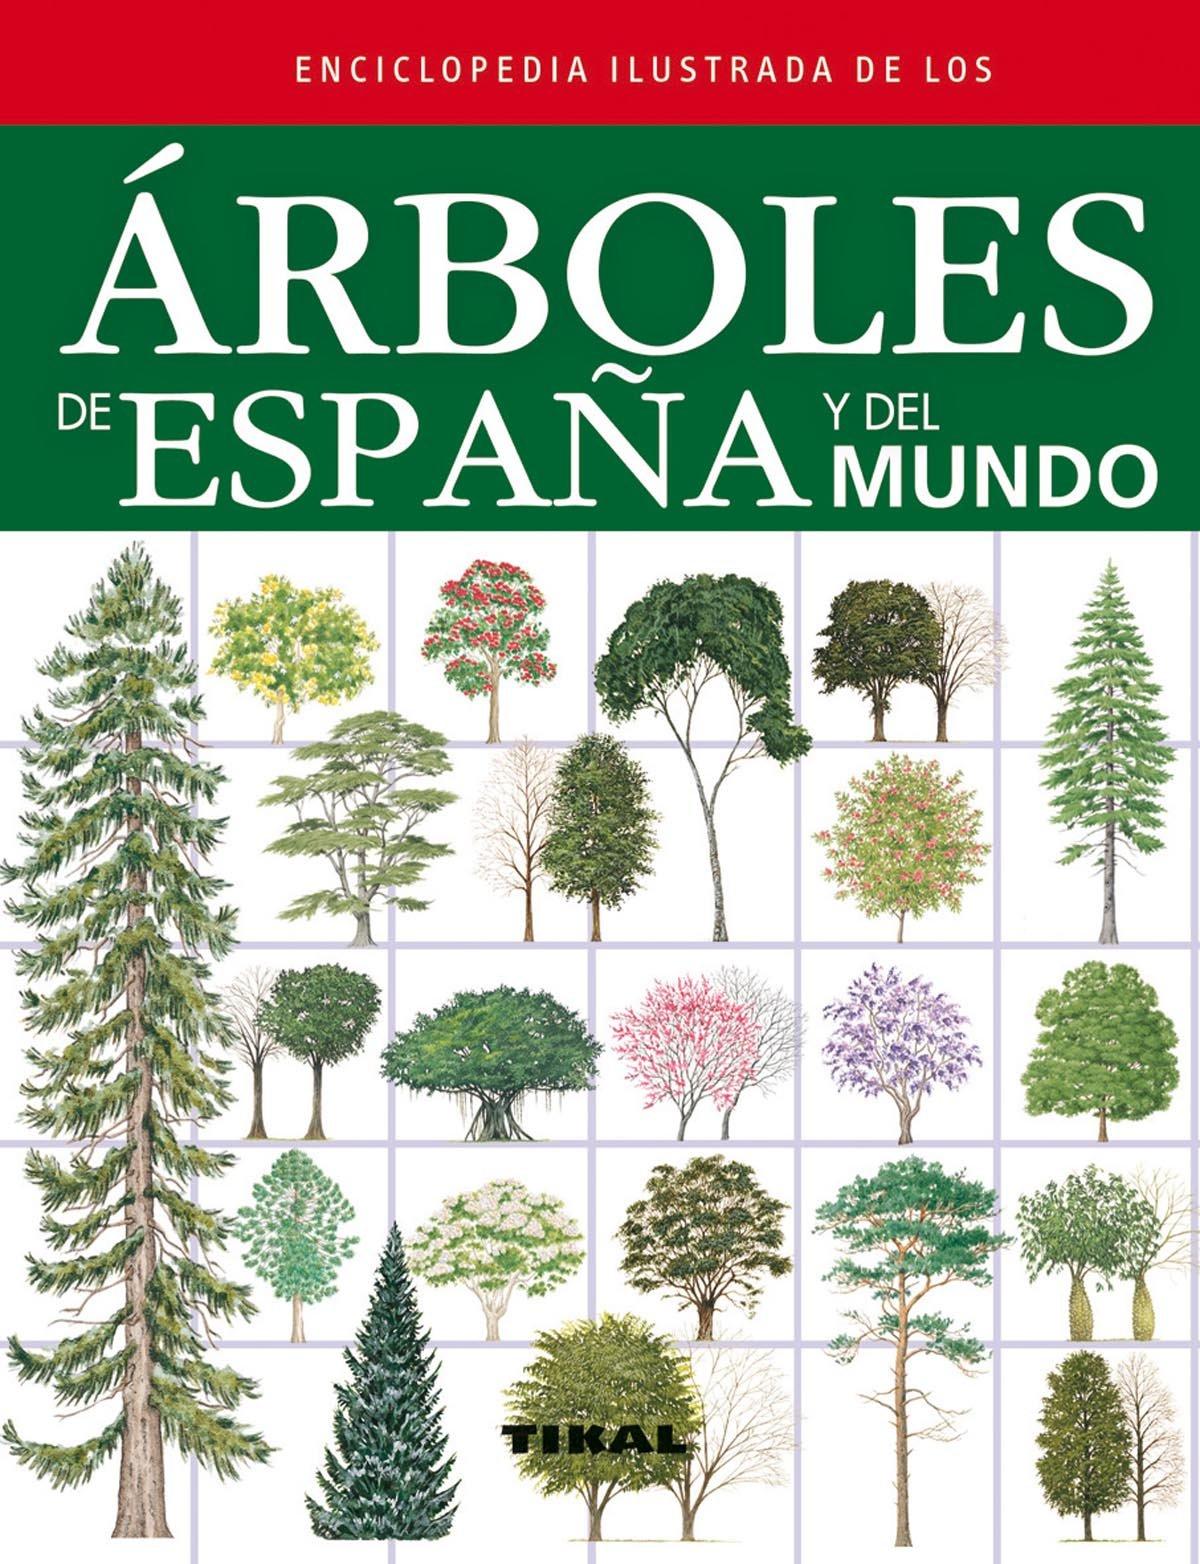 Árboles de España y del mundo Enciclopedia ilustrada: Amazon.es: Russell, Tony, Cutler, Catherine, Walters, Martin: Libros